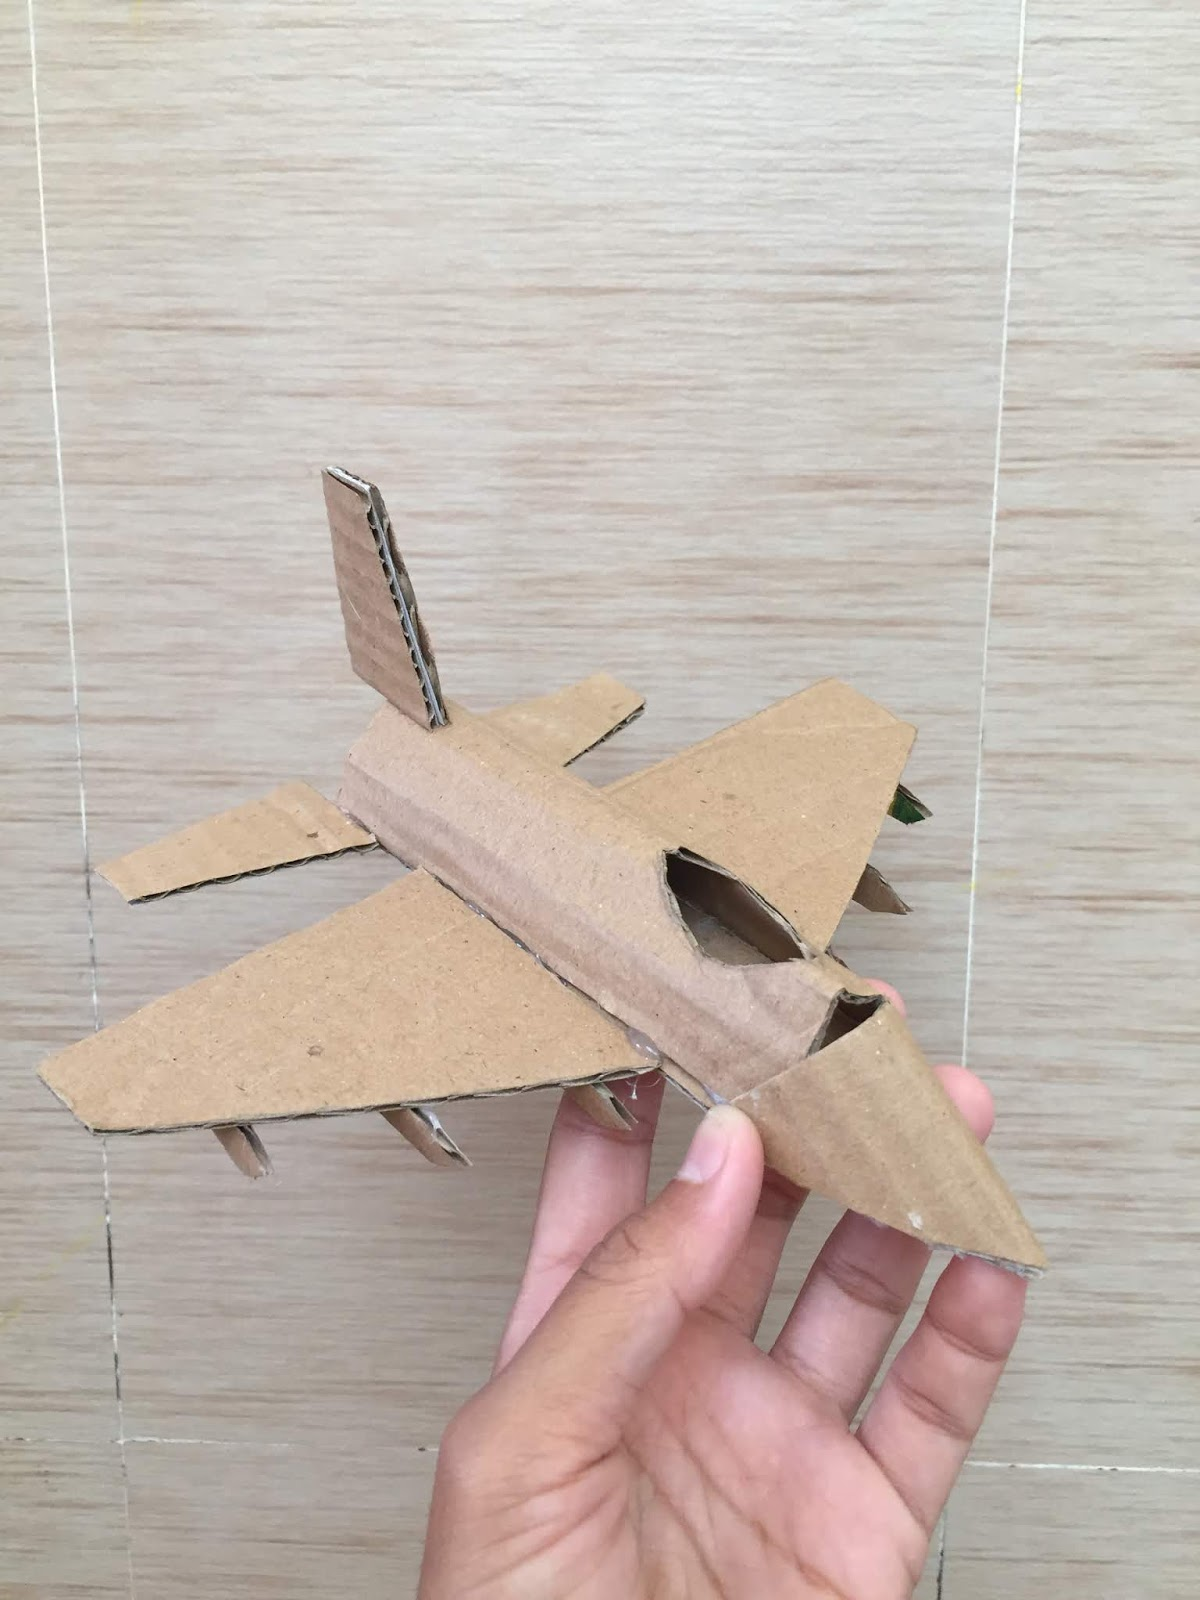 Cara Membuat Helikopter Mainan Yang Bisa Terbang : membuat, helikopter, mainan, terbang, Makin, Kreatif, Menghadapi, Pandemi, Rizqillah